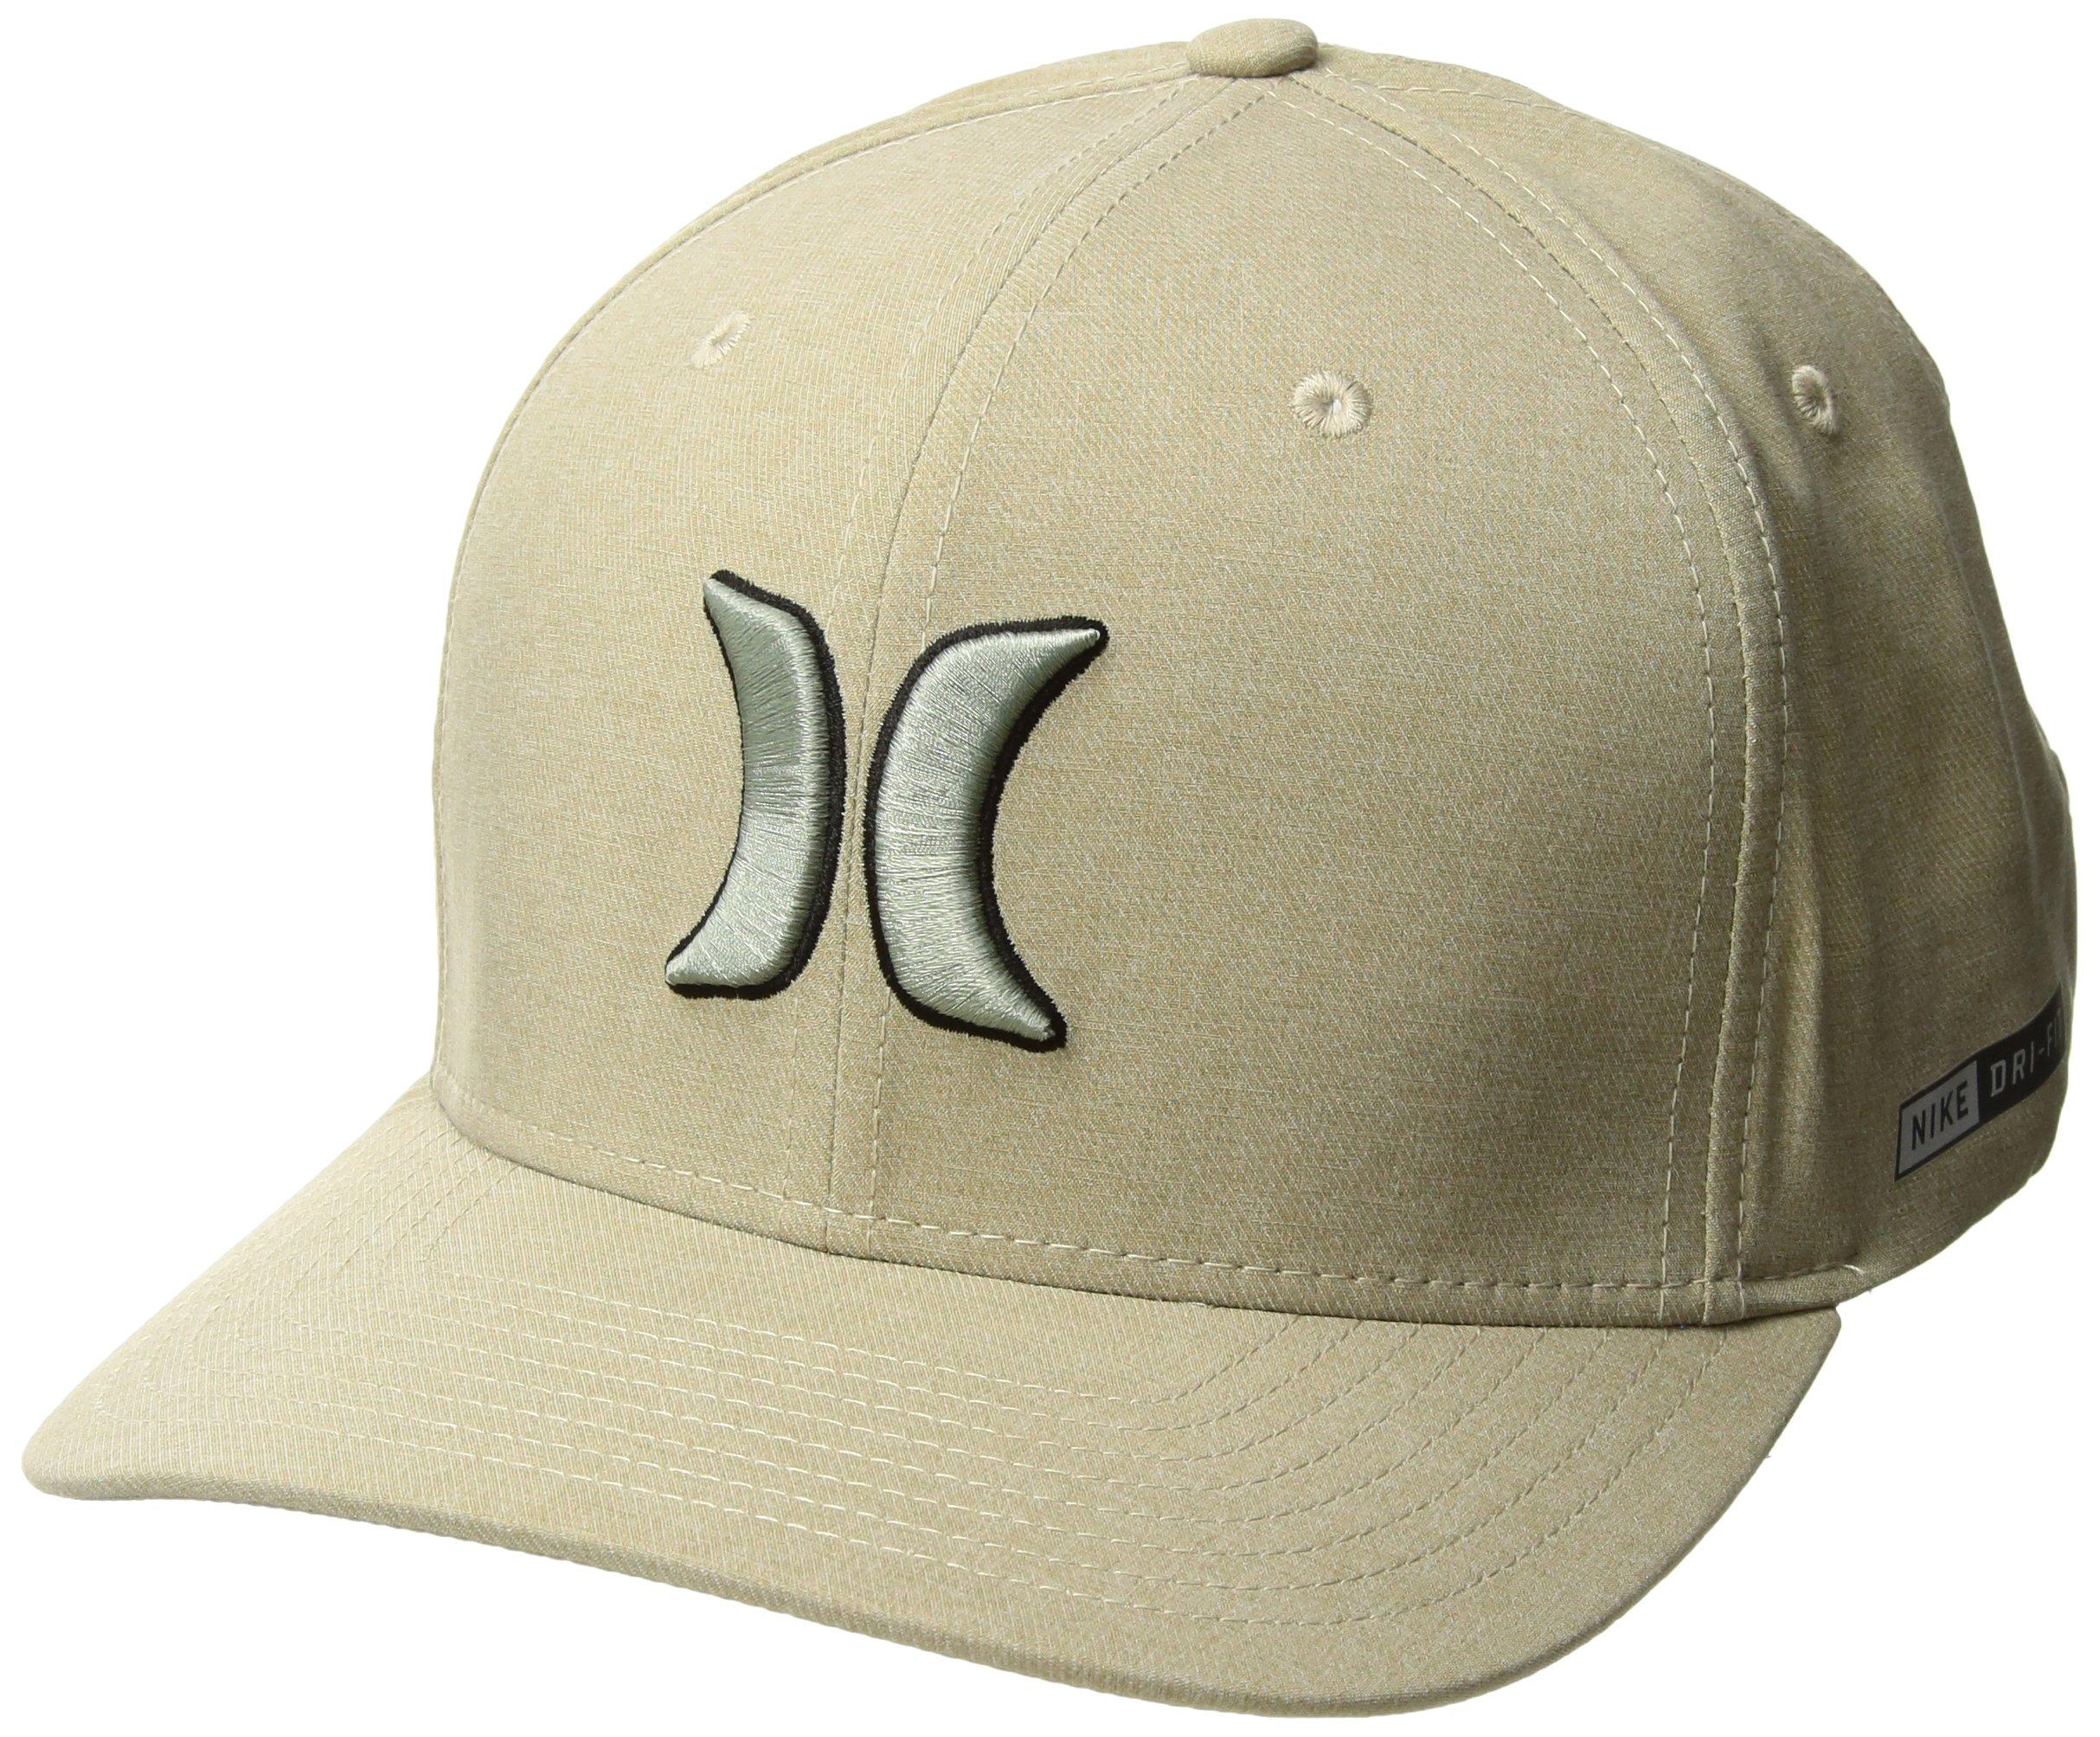 94bf026616edf Hurley Dri-Fit Heather Hat - Khaki - S M - MHA0007200-26B   Hats ...